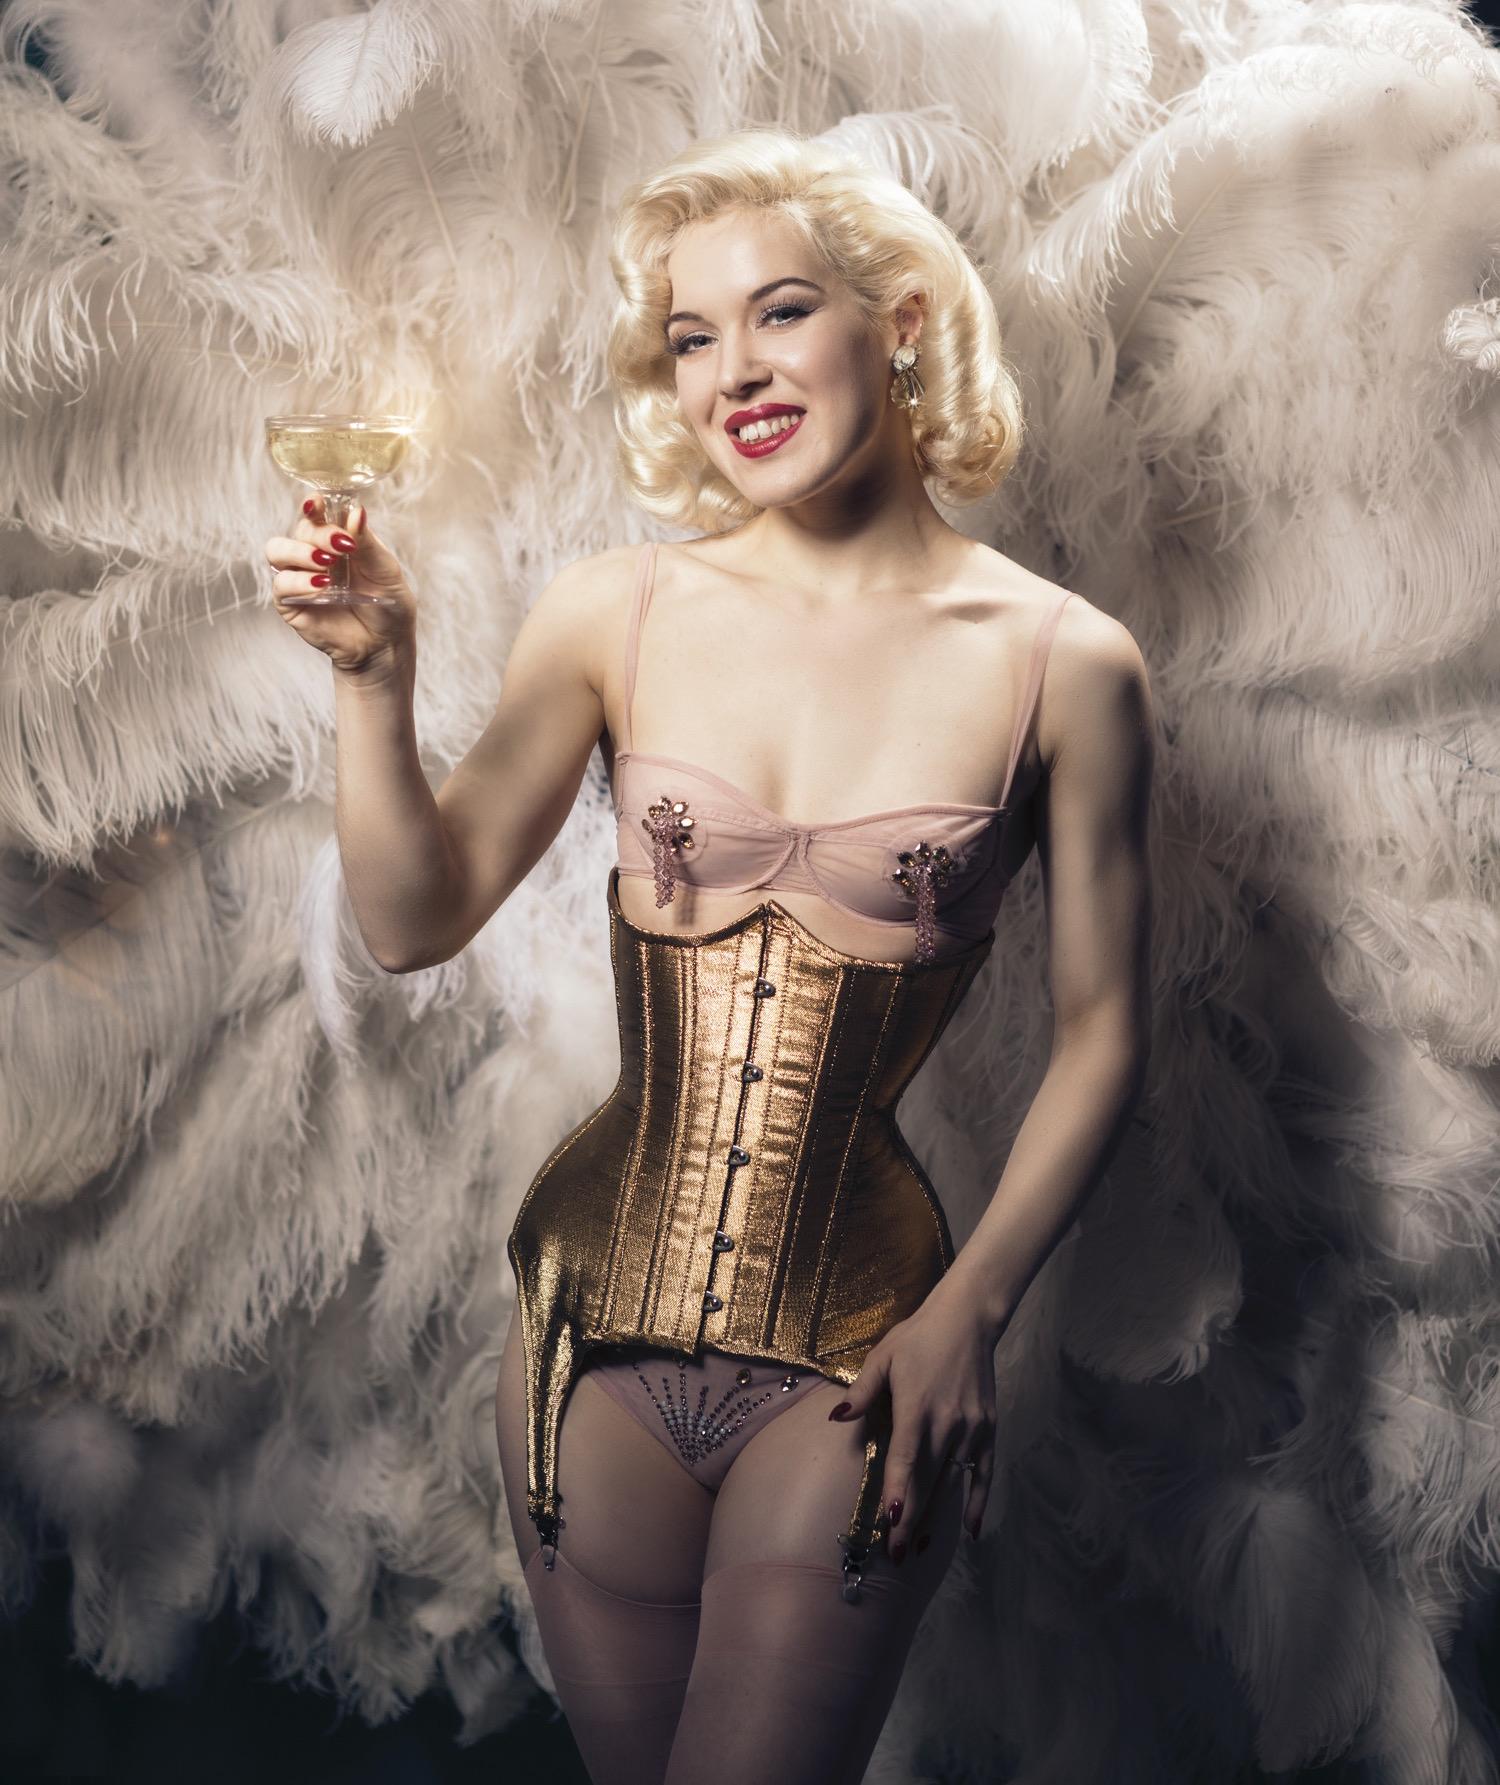 Fay Loren Burlesque act